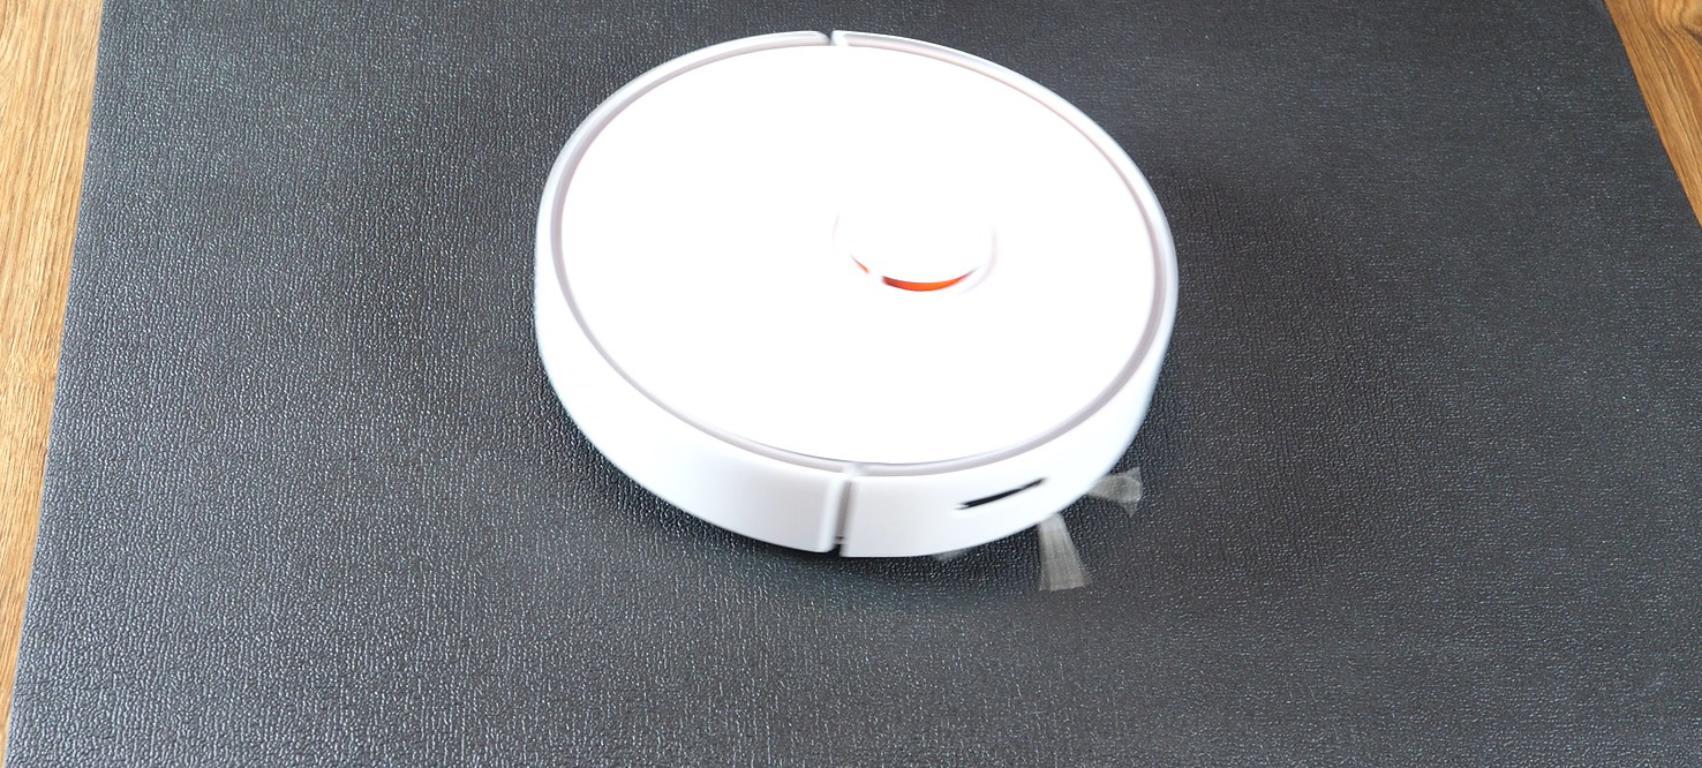 Roborock S6 Pure - recenzja robota sprzątającego - jazda po czarnym